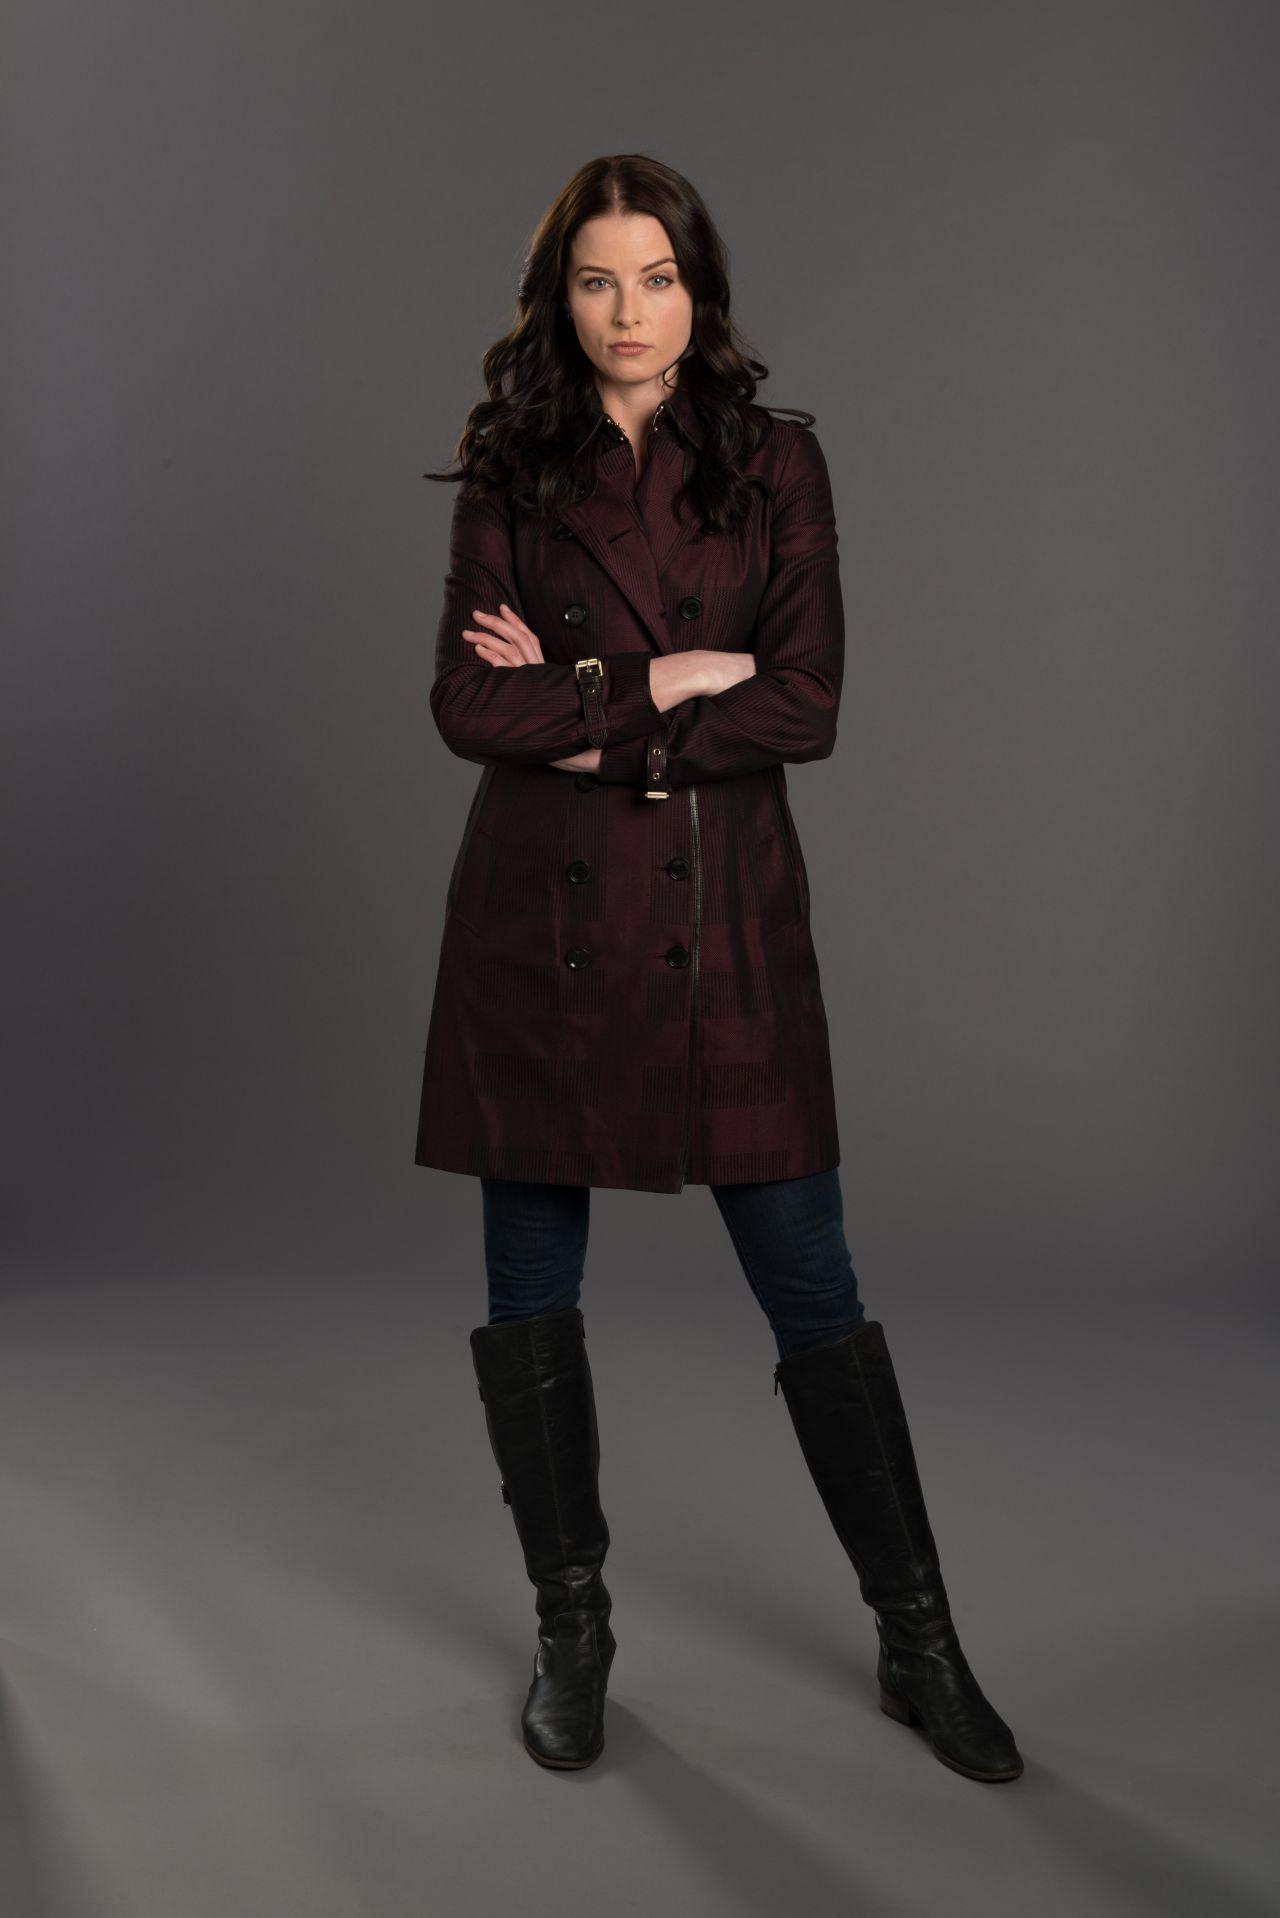 Rachel Nichols Continuum | adanih.com